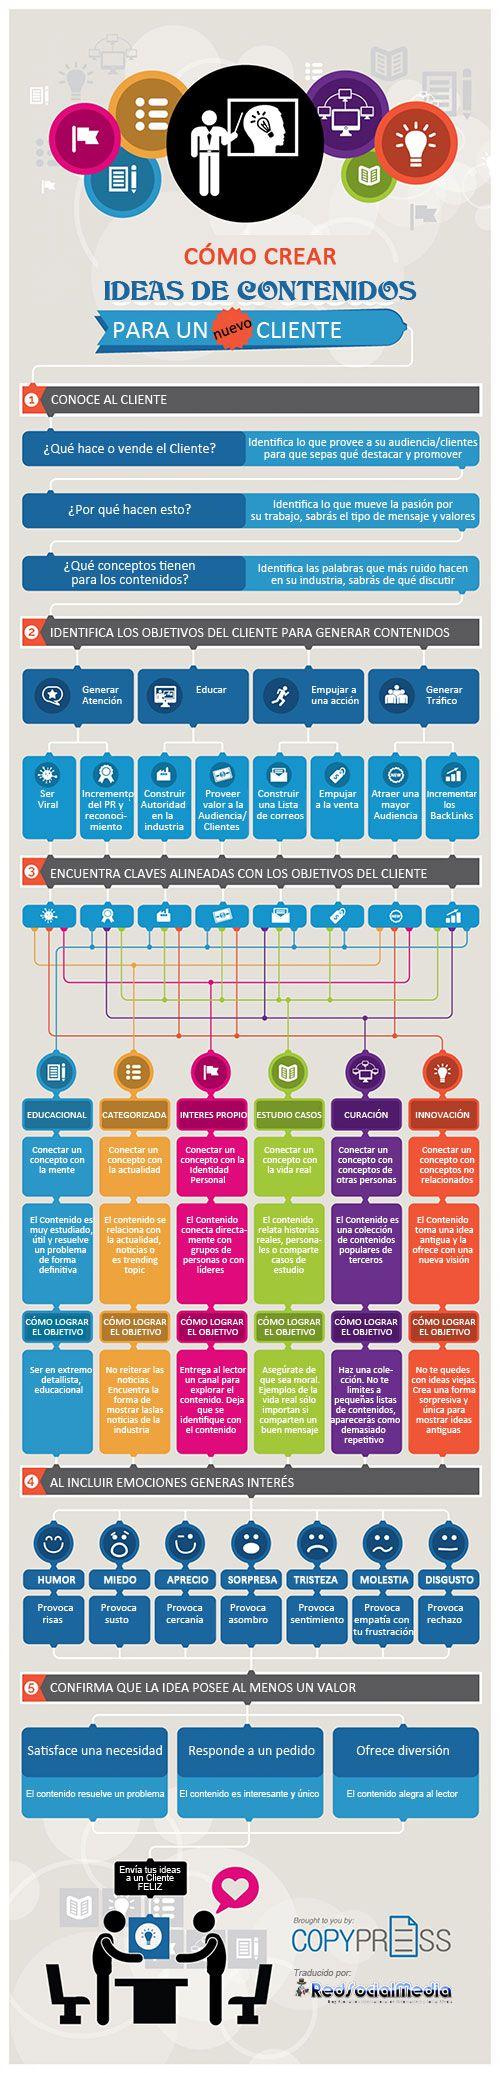 #Infografia #CommunityManager Crear ideas de contenidos para un cliente. #TAVnews